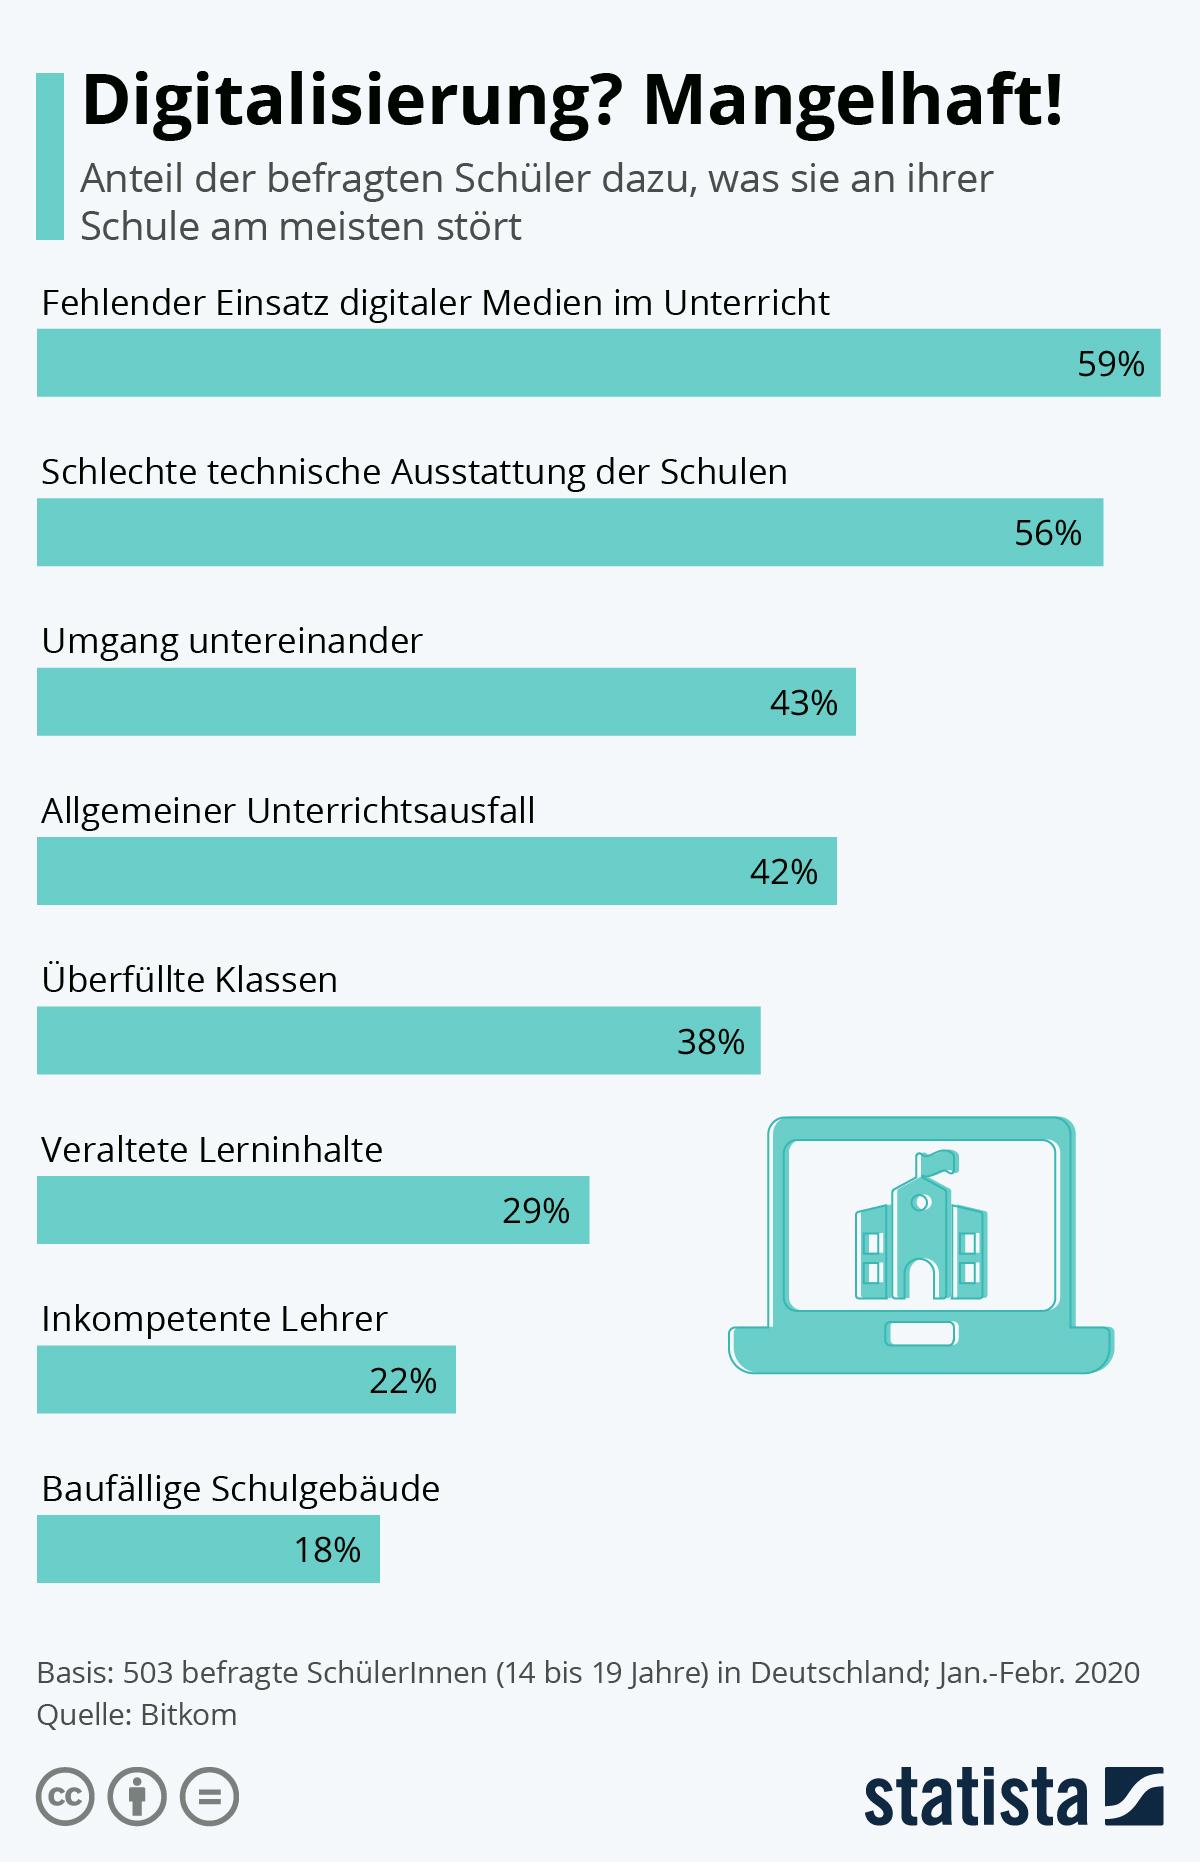 Infografik: Digitalisierung? Mangelhaft! | Statista